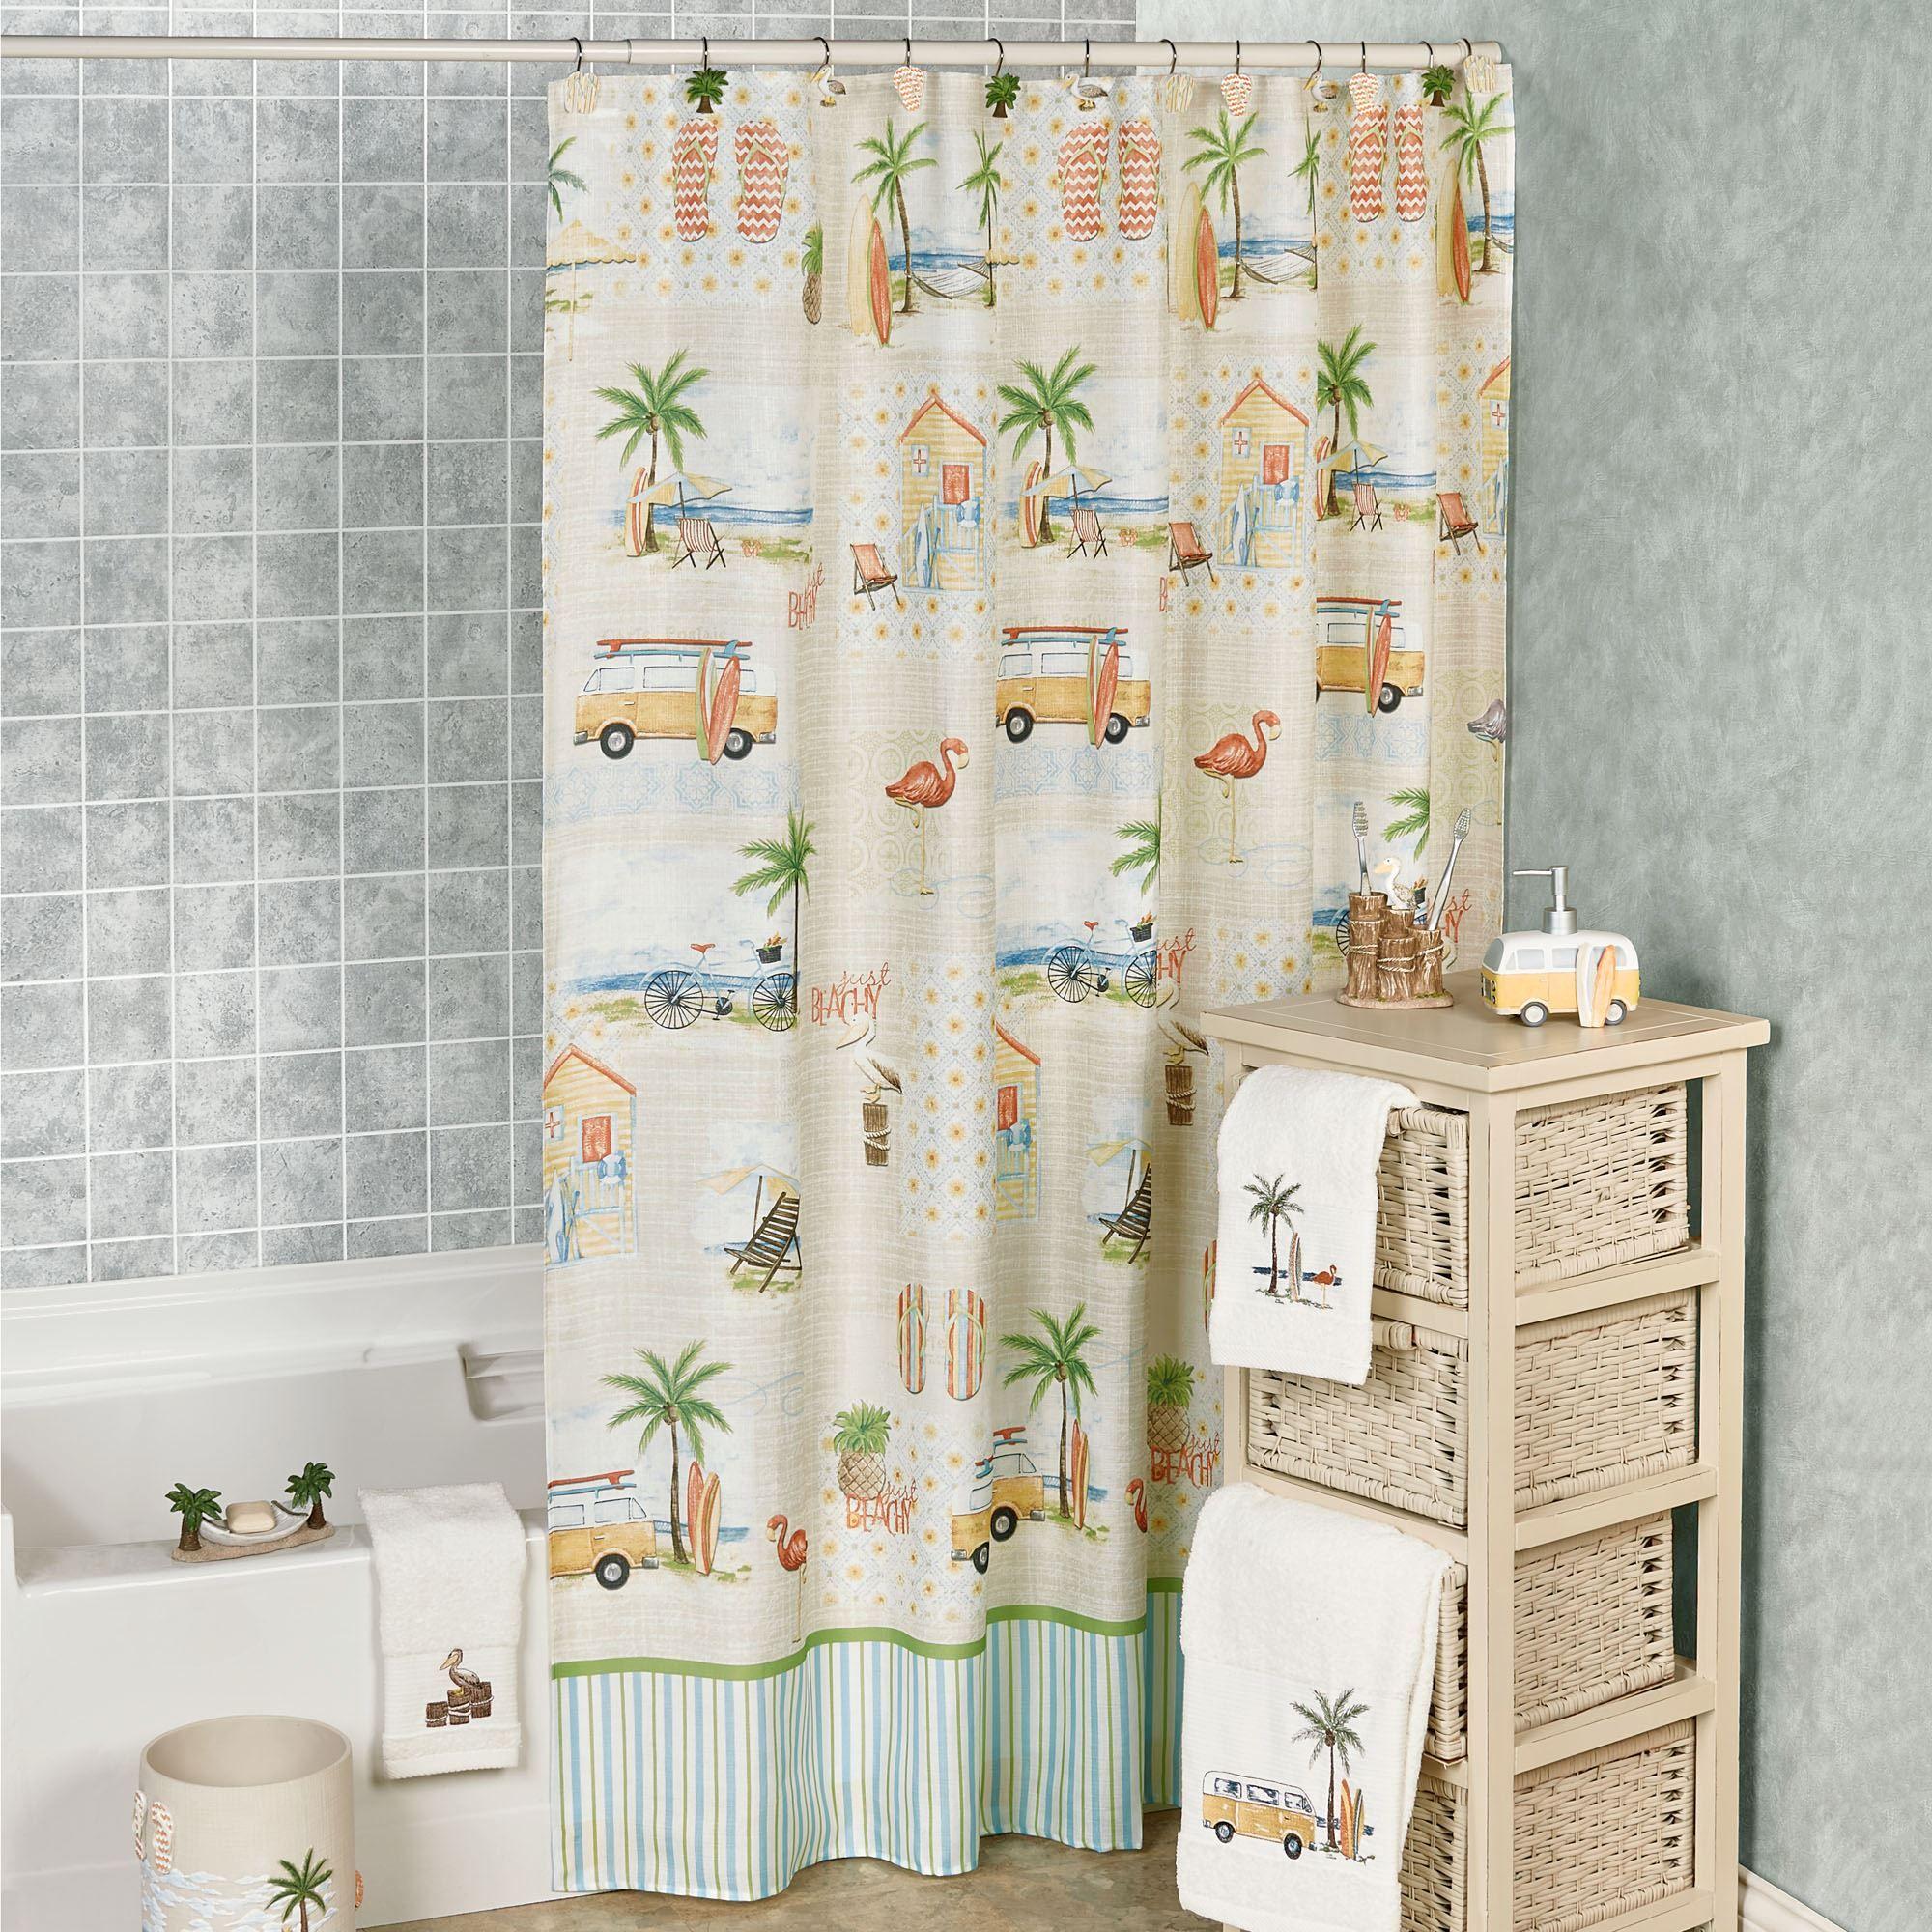 Shower Curtain Beach Theme Home The Honoroak